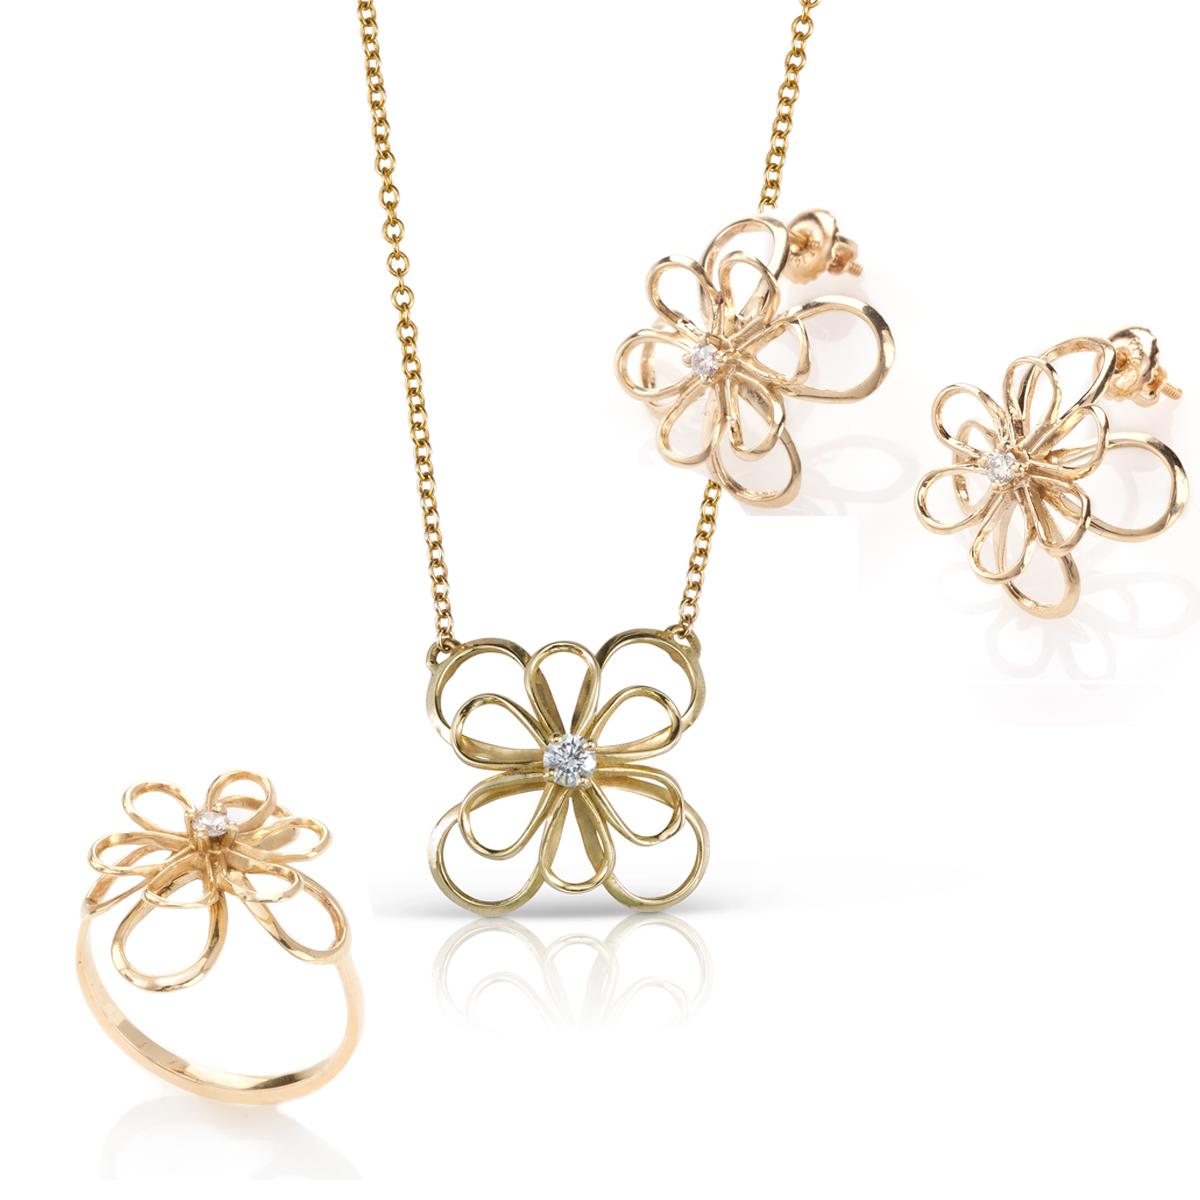 סט תכשיטי זהב בצורת פרח ויהלום מרכזי